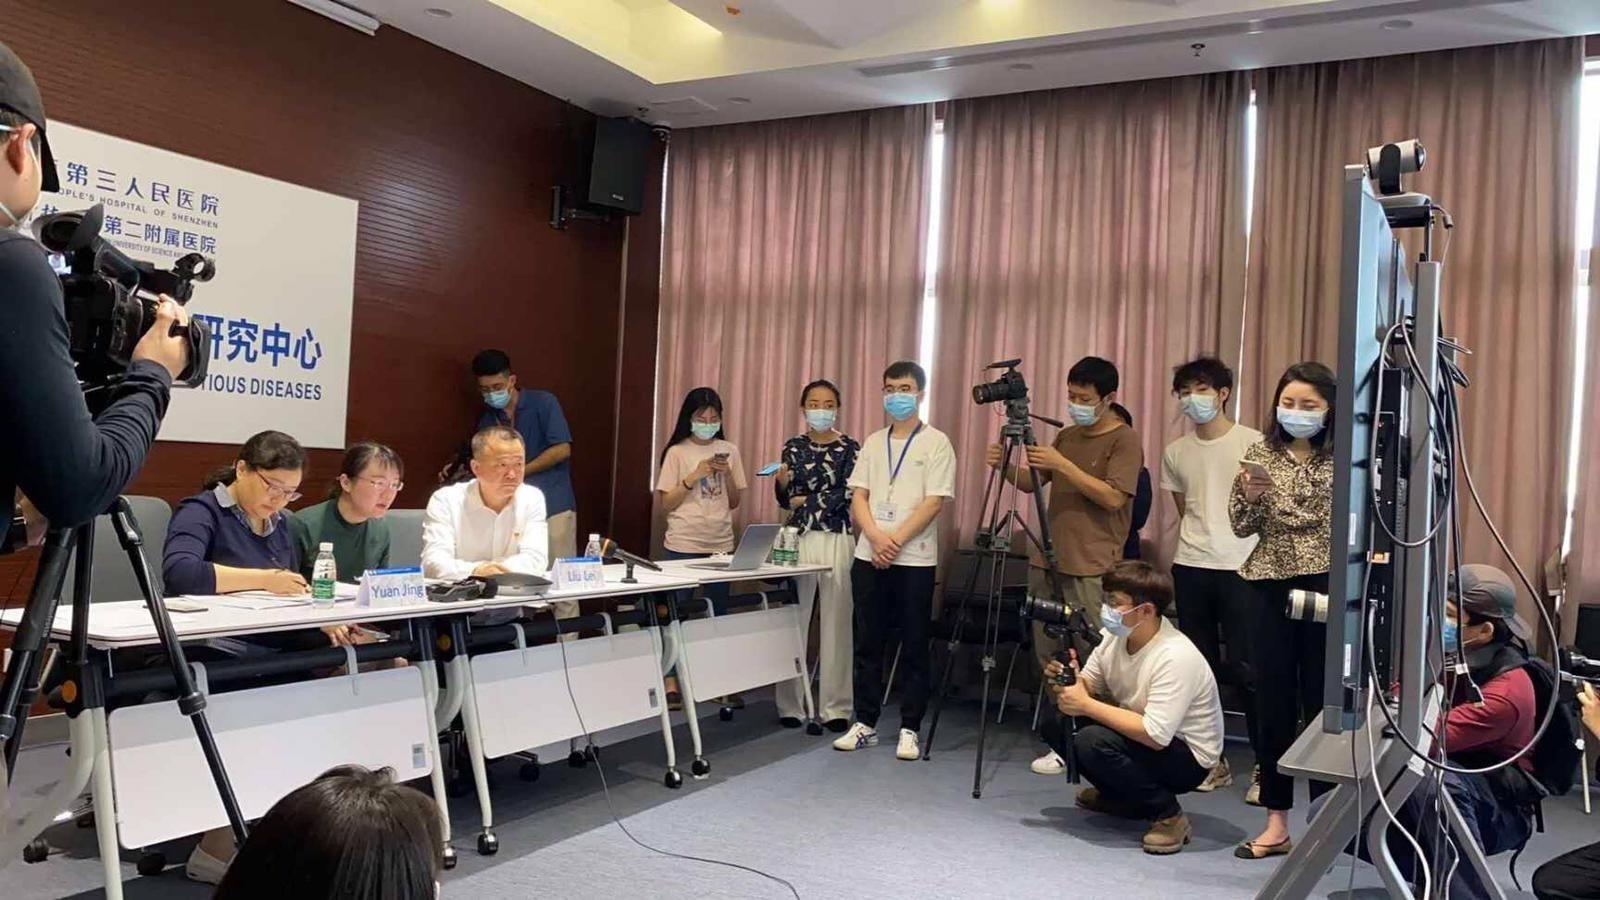 PCSS wsparł technicznie wideokonferencję szpitali z Shenzhen i Poznania